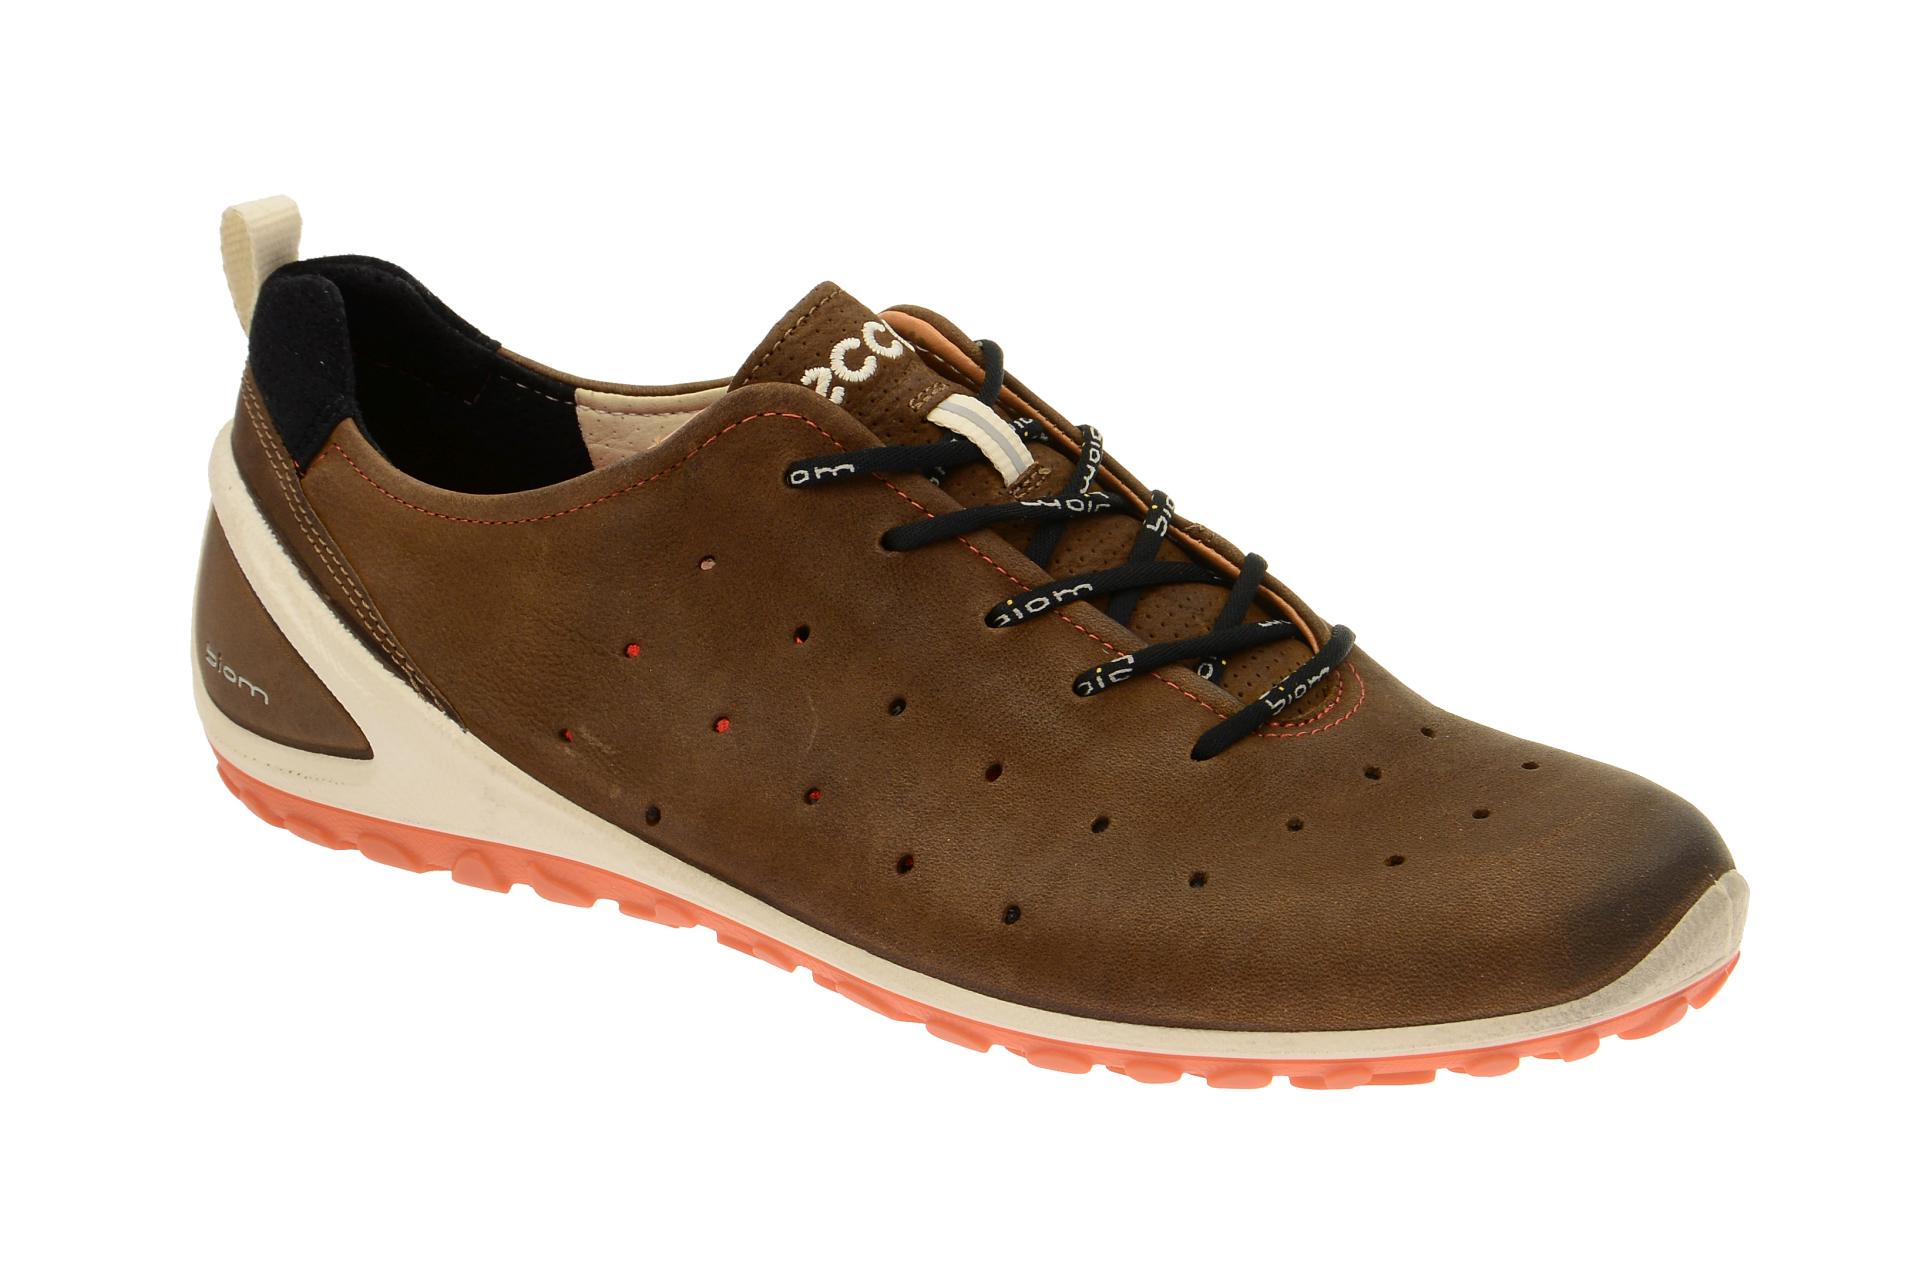 Ecco Biom Lite 1.2 Schuhe in camel braun - 80200452877 - Schuhhaus Strauch  Onlineshop